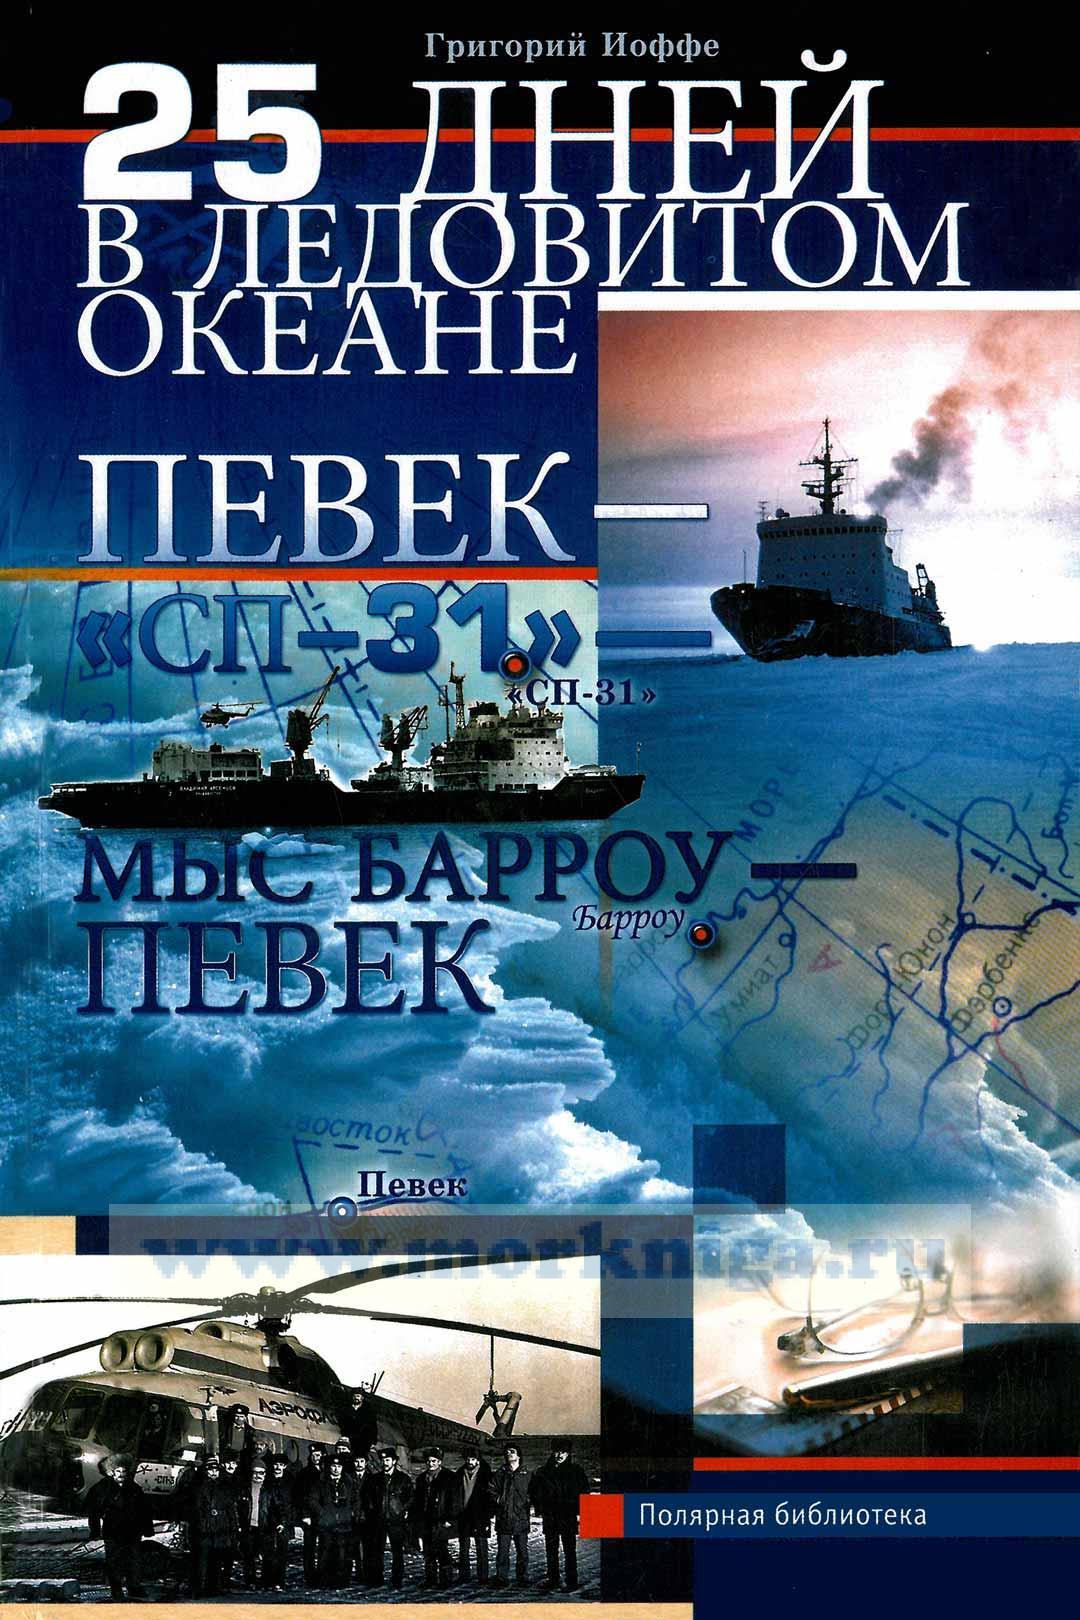 """25 дней в Ледовитом океане. Певек - """"СП-31"""" - мыс Барроу - Певек"""